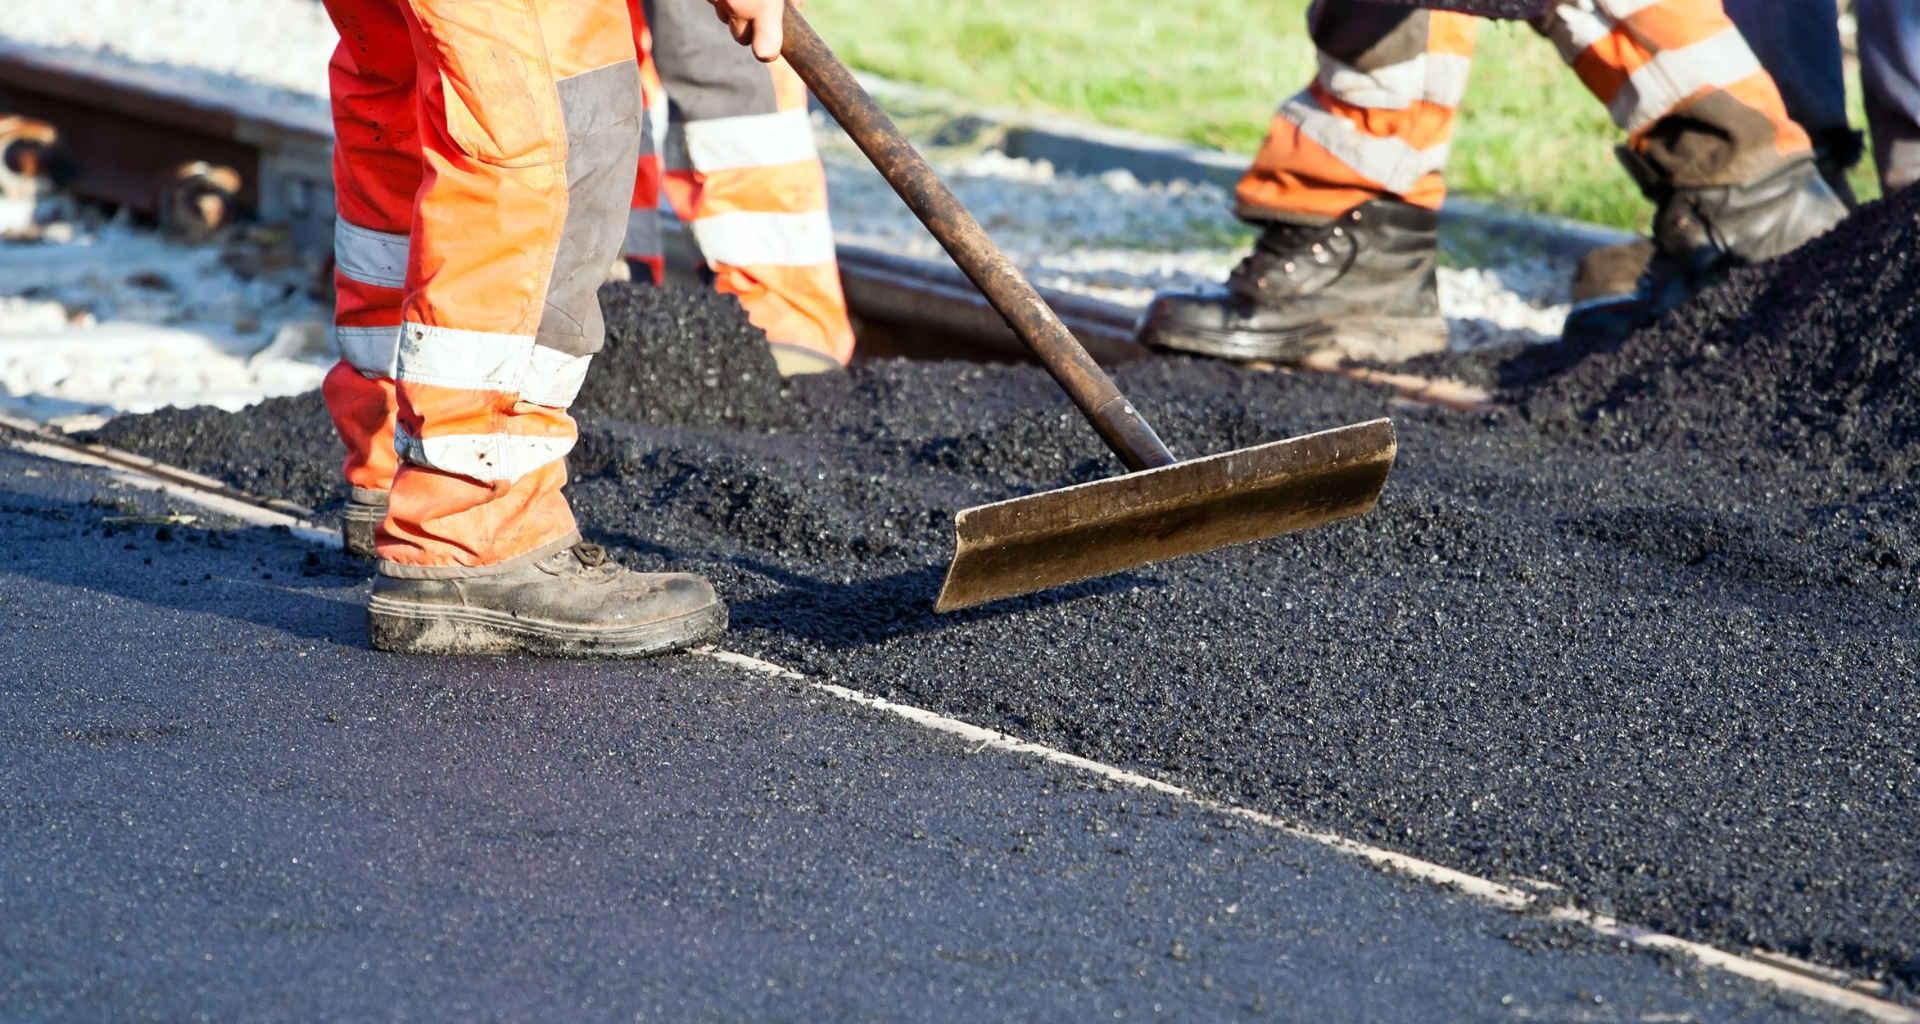 Iščete asfalterja? Pomagali vam bomo najti pravega strokovnjaka za asfaltiranje